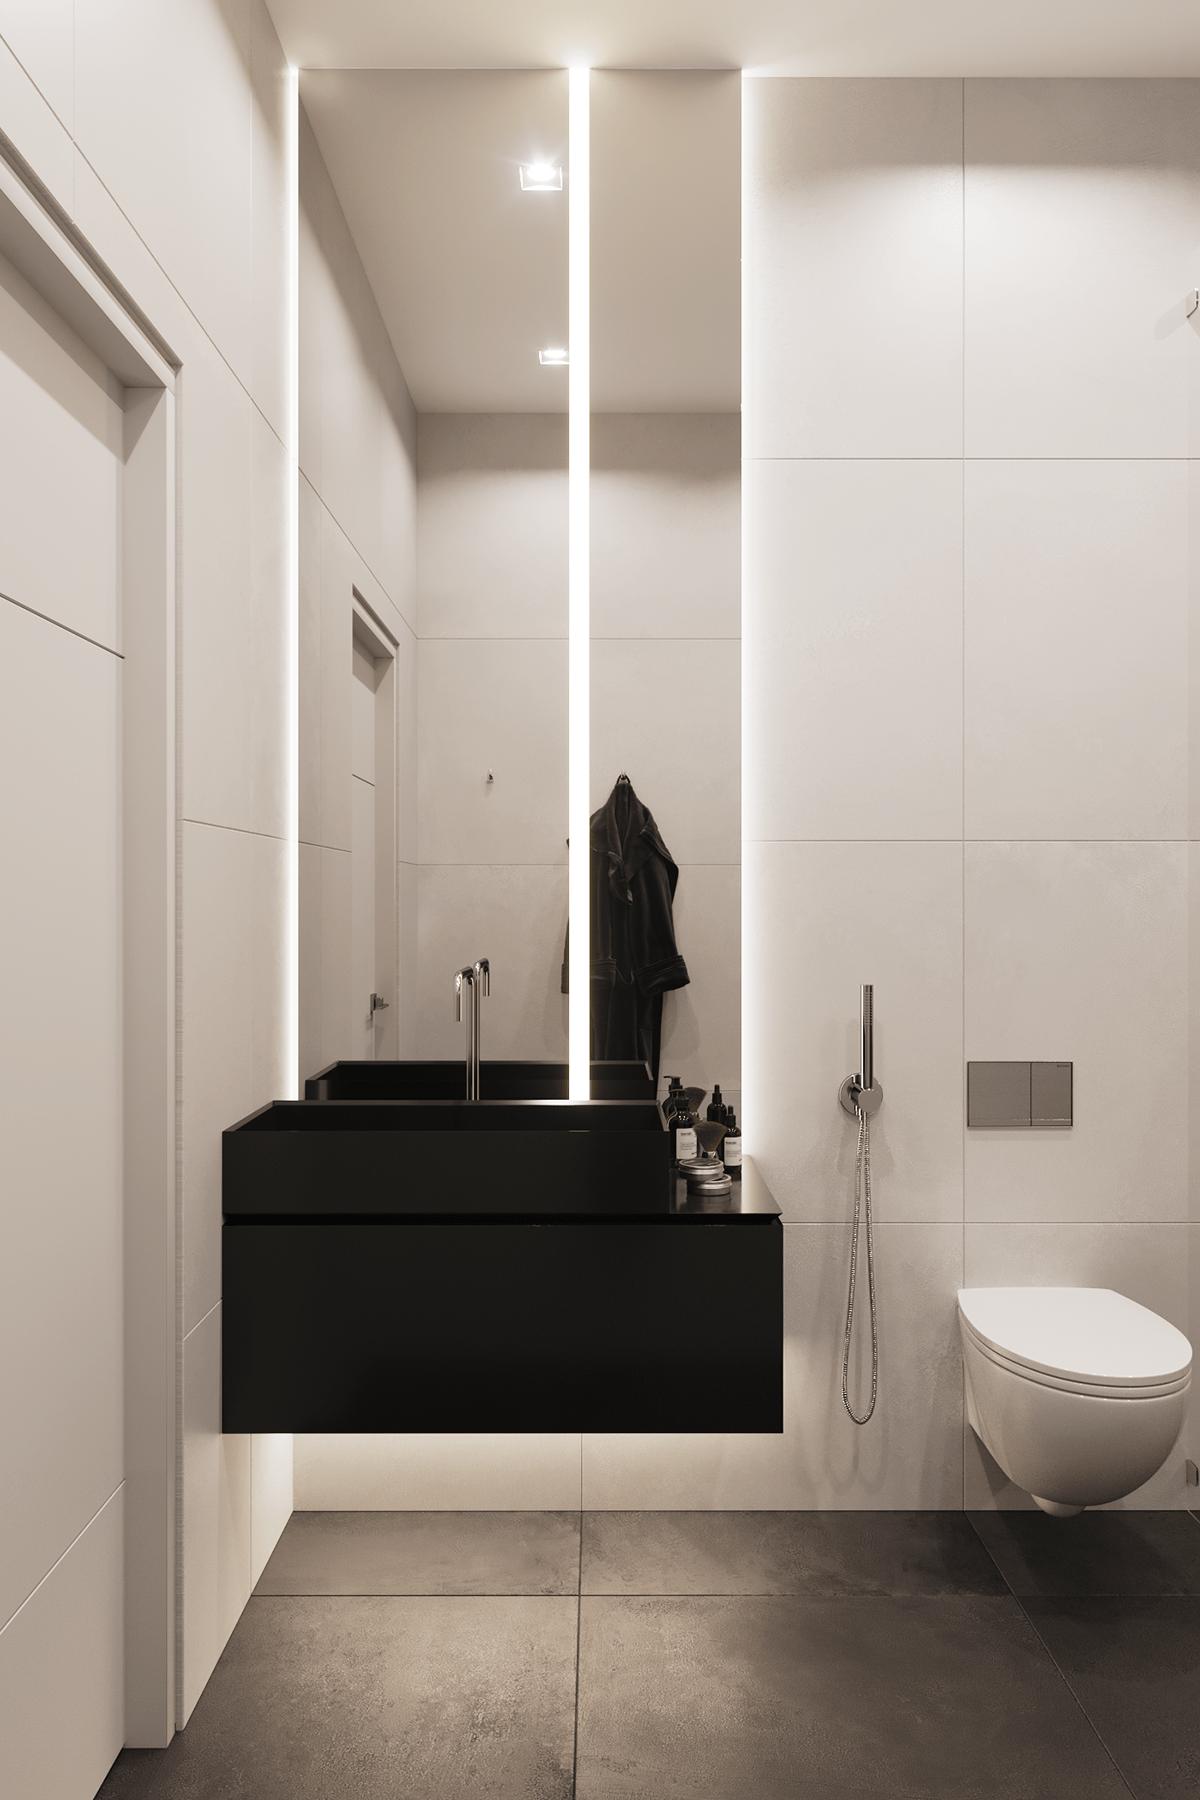 """idéias-iluminação-banheiro-paredes """"width ="""" 1200 """"height ="""" 1800 """" srcset = """"https://casaydiseno.com/wp-content/uploads/2020/04/paredes-de-bano-iluminacion-ideas.png 1200w, https://casaydiseno.com/wp-content/uploads/2020/ 04 / walls-of-bathroom-lighting-ideas-768x1152.png 768w """"size ="""" (largura máxima: 1200px) 100vw, 1200px """"/> <img loading="""